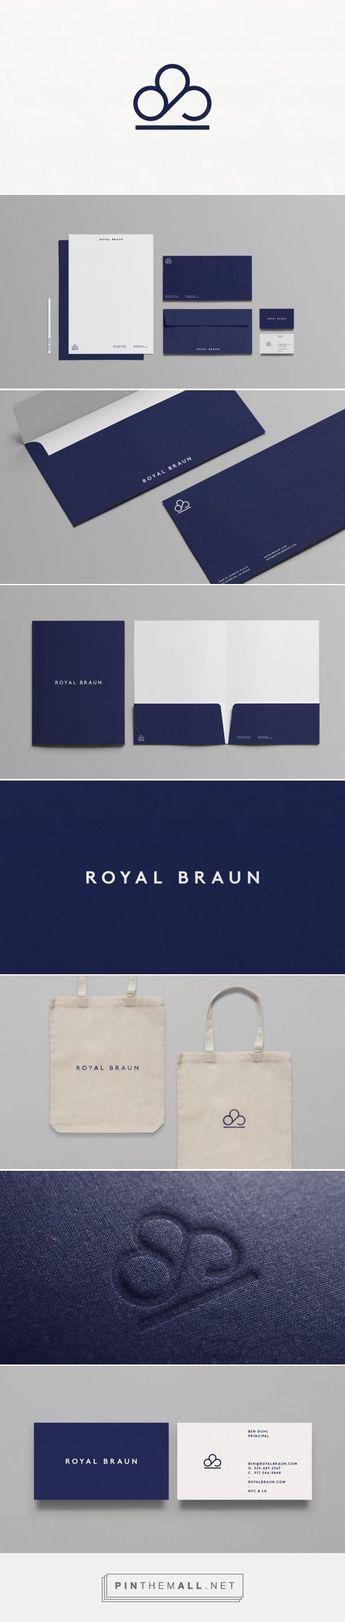 Royal Braun Branding von DIA | Fivestar Branding - Agentur für Design und Branding & Inspiration Gallery - #Agentur #amp #Branding #Braun #design #día #Fivestar #für #Gallery #inspiration #Royal #und #von